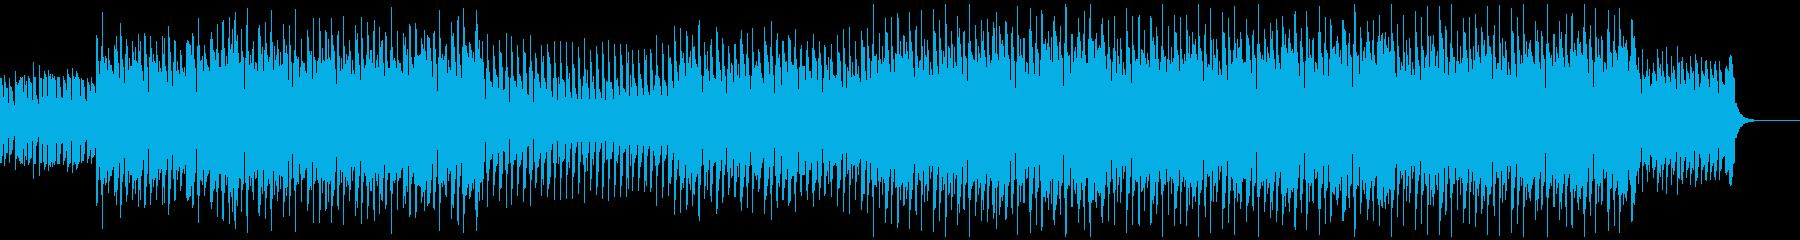 スポーツのオープニングっぽいトランス曲の再生済みの波形